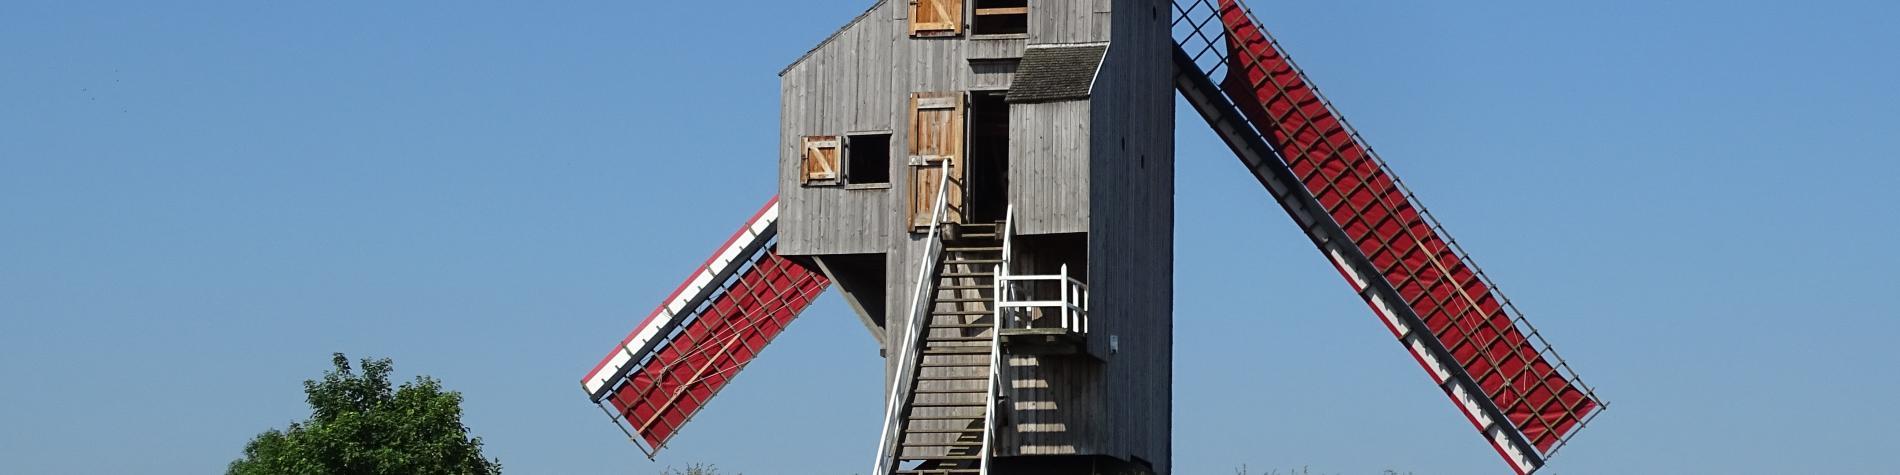 Le moulin Soete - Comines-Warneton